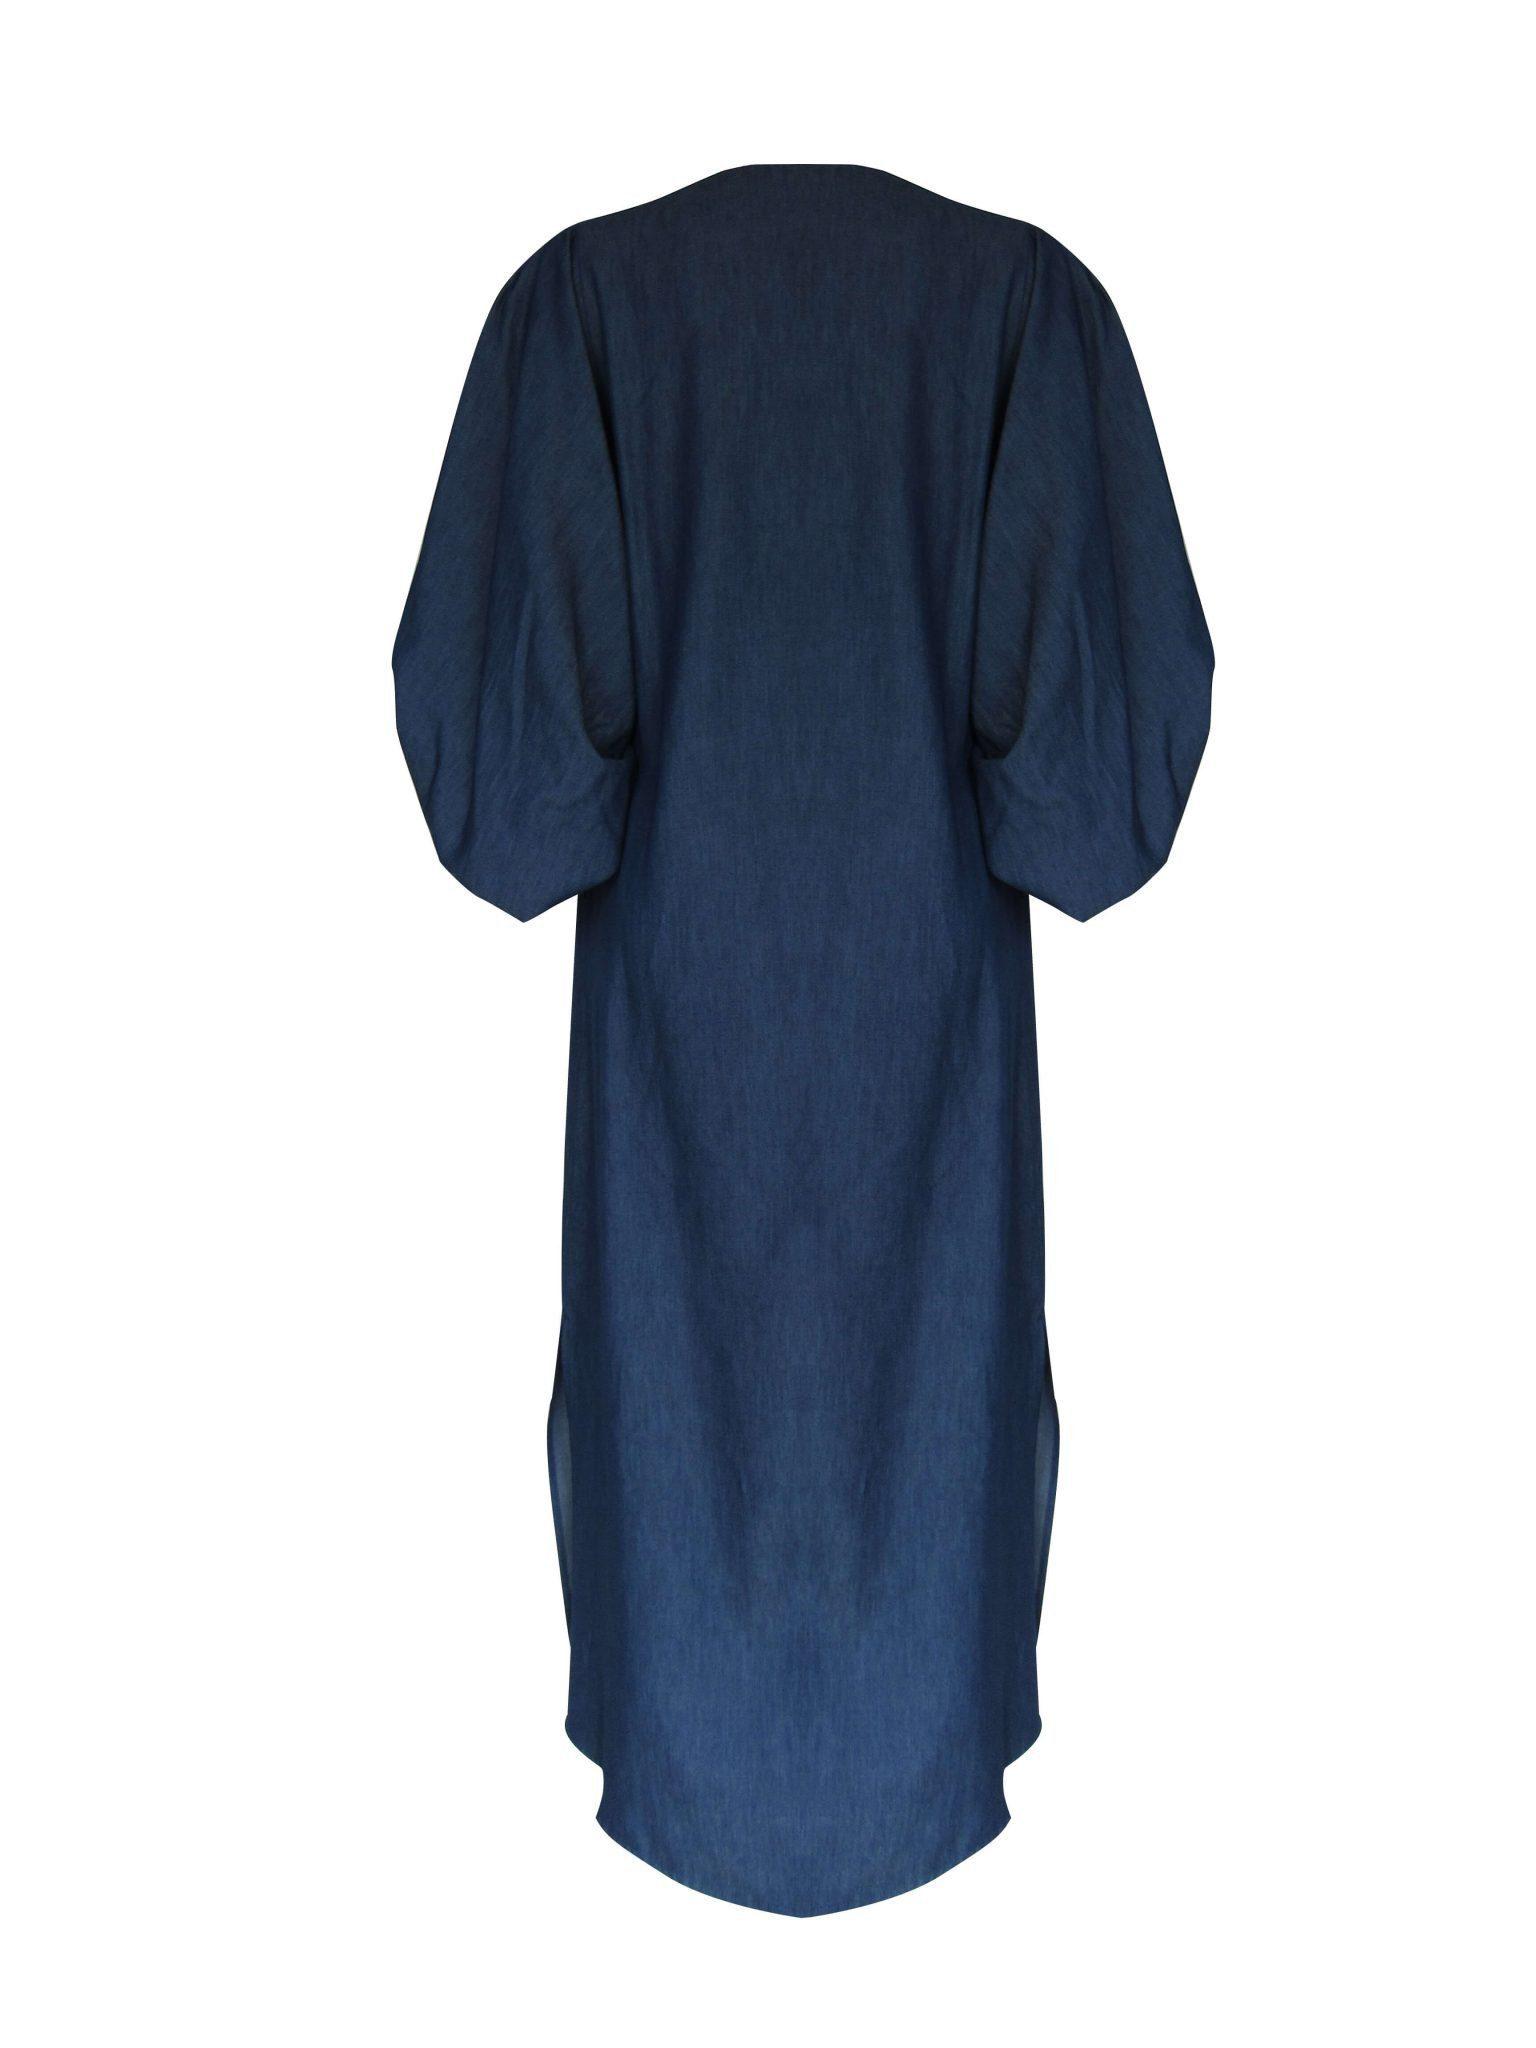 padova-vestido-azurro-cosmos-02